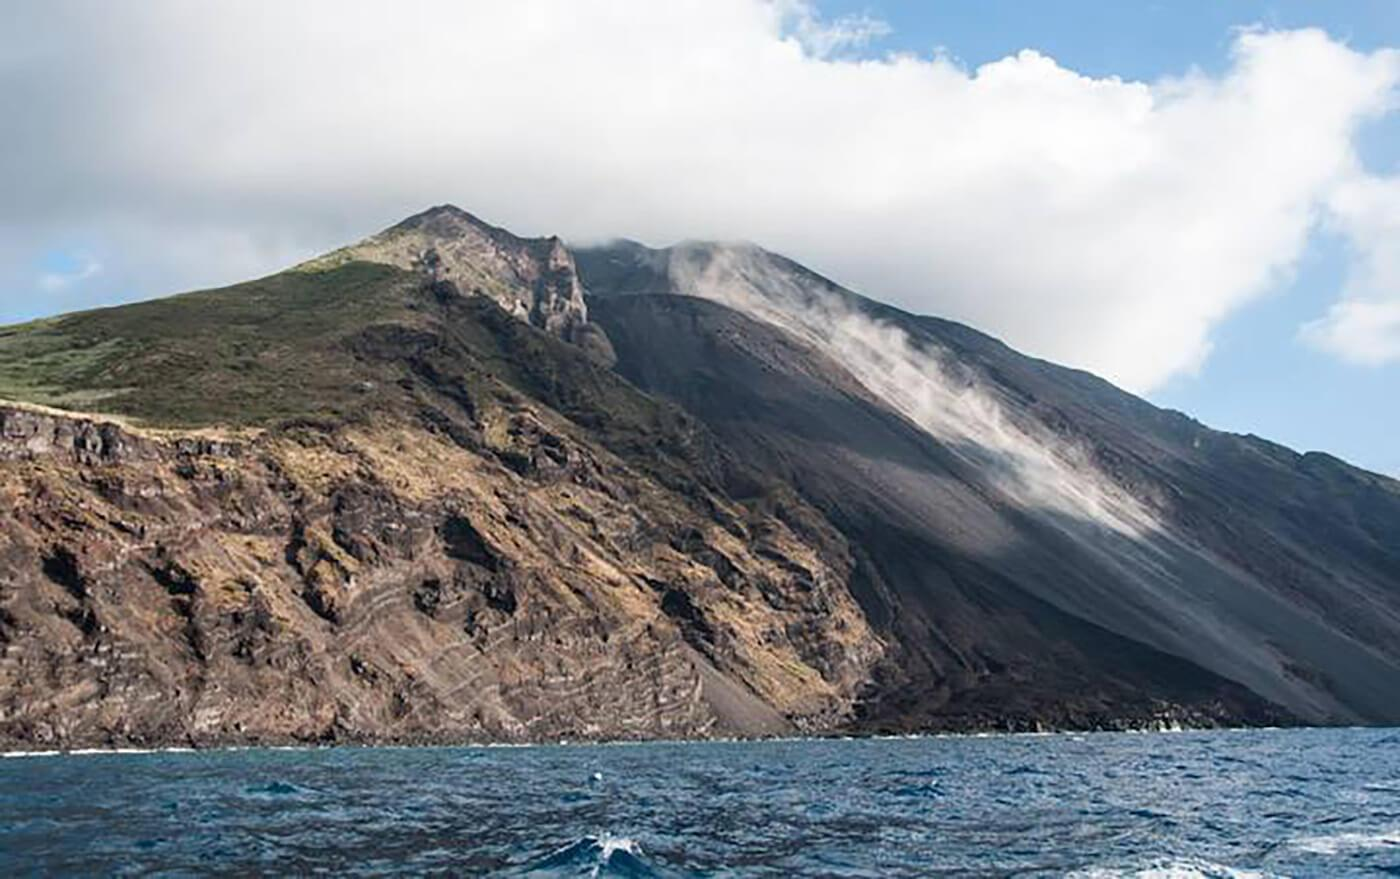 Sycylia-i-wyspy-Liparyjskie-8